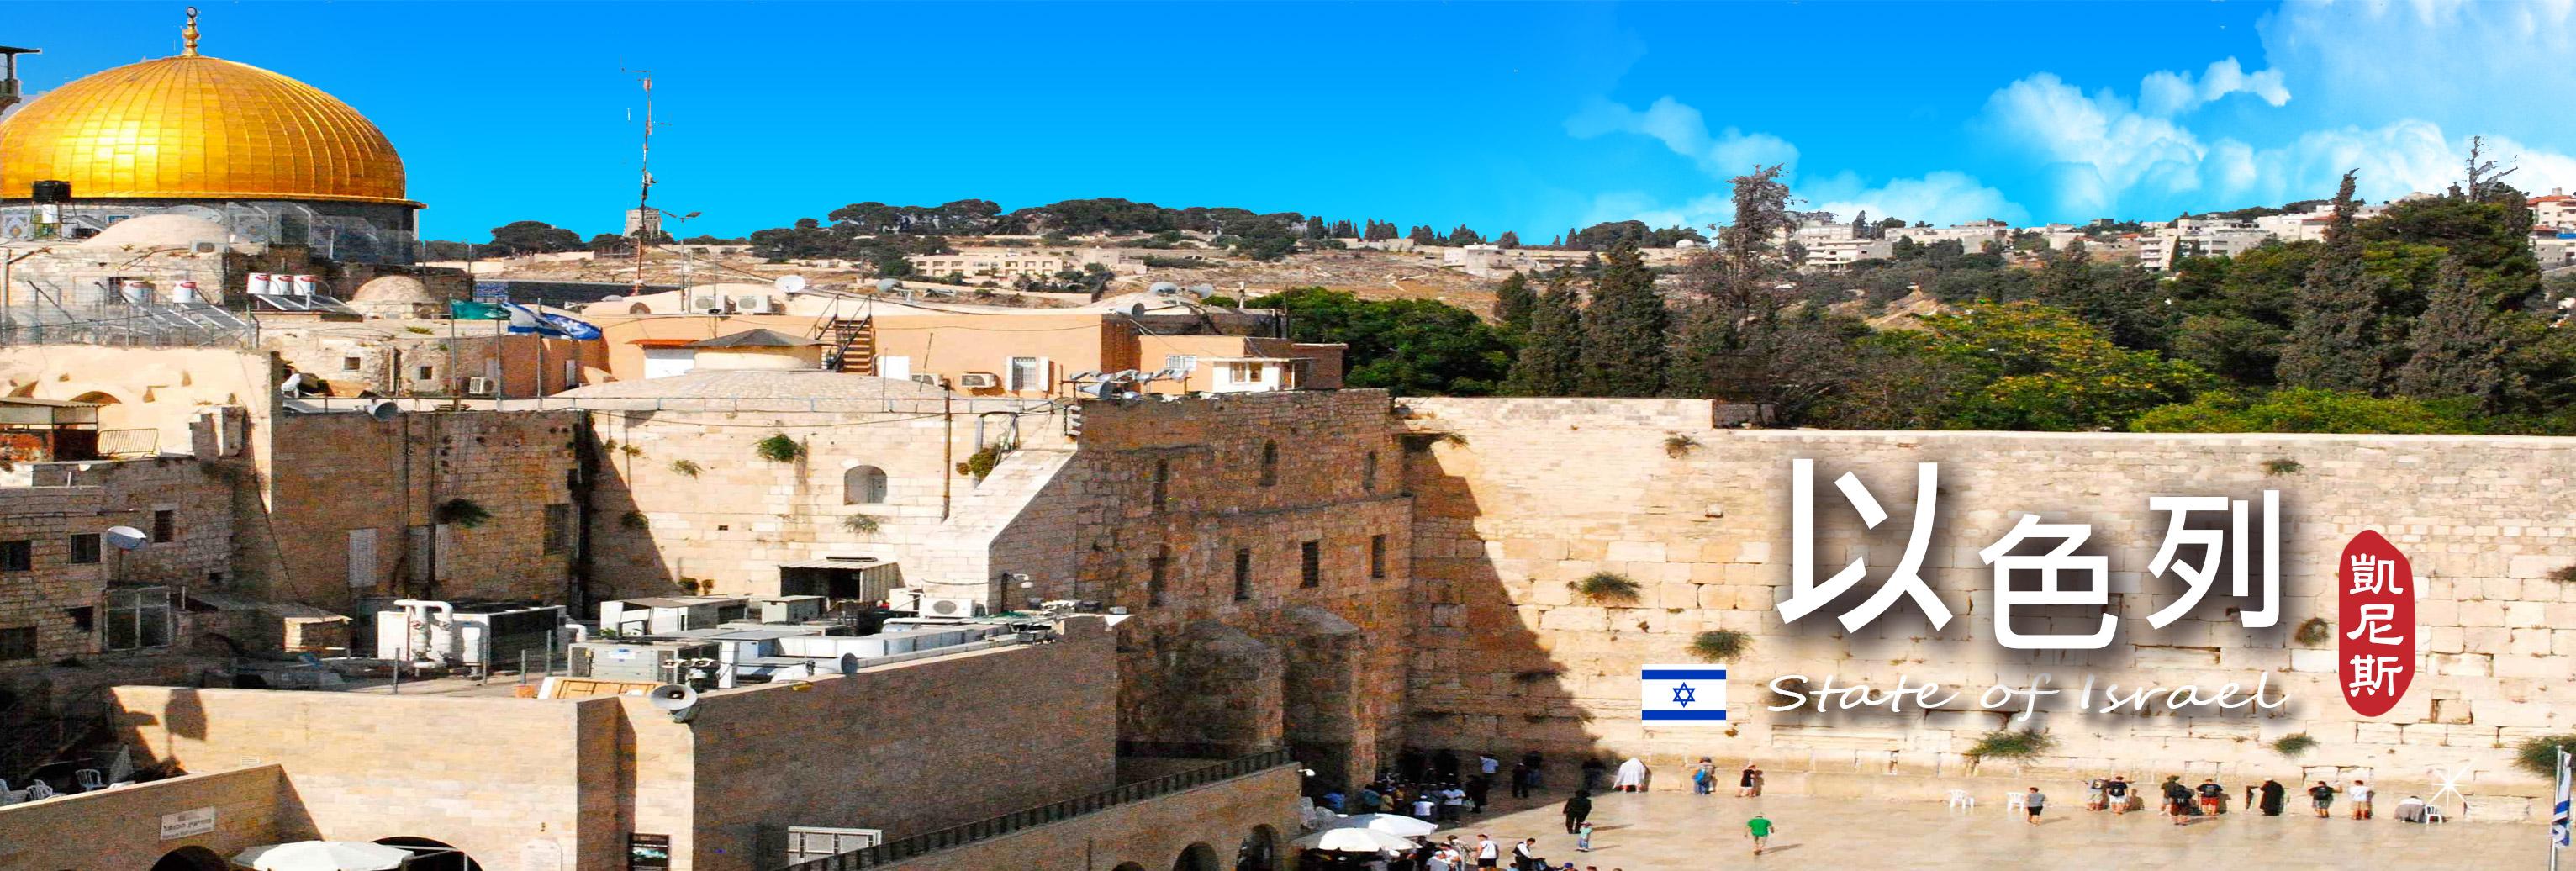 以色列旅遊行程